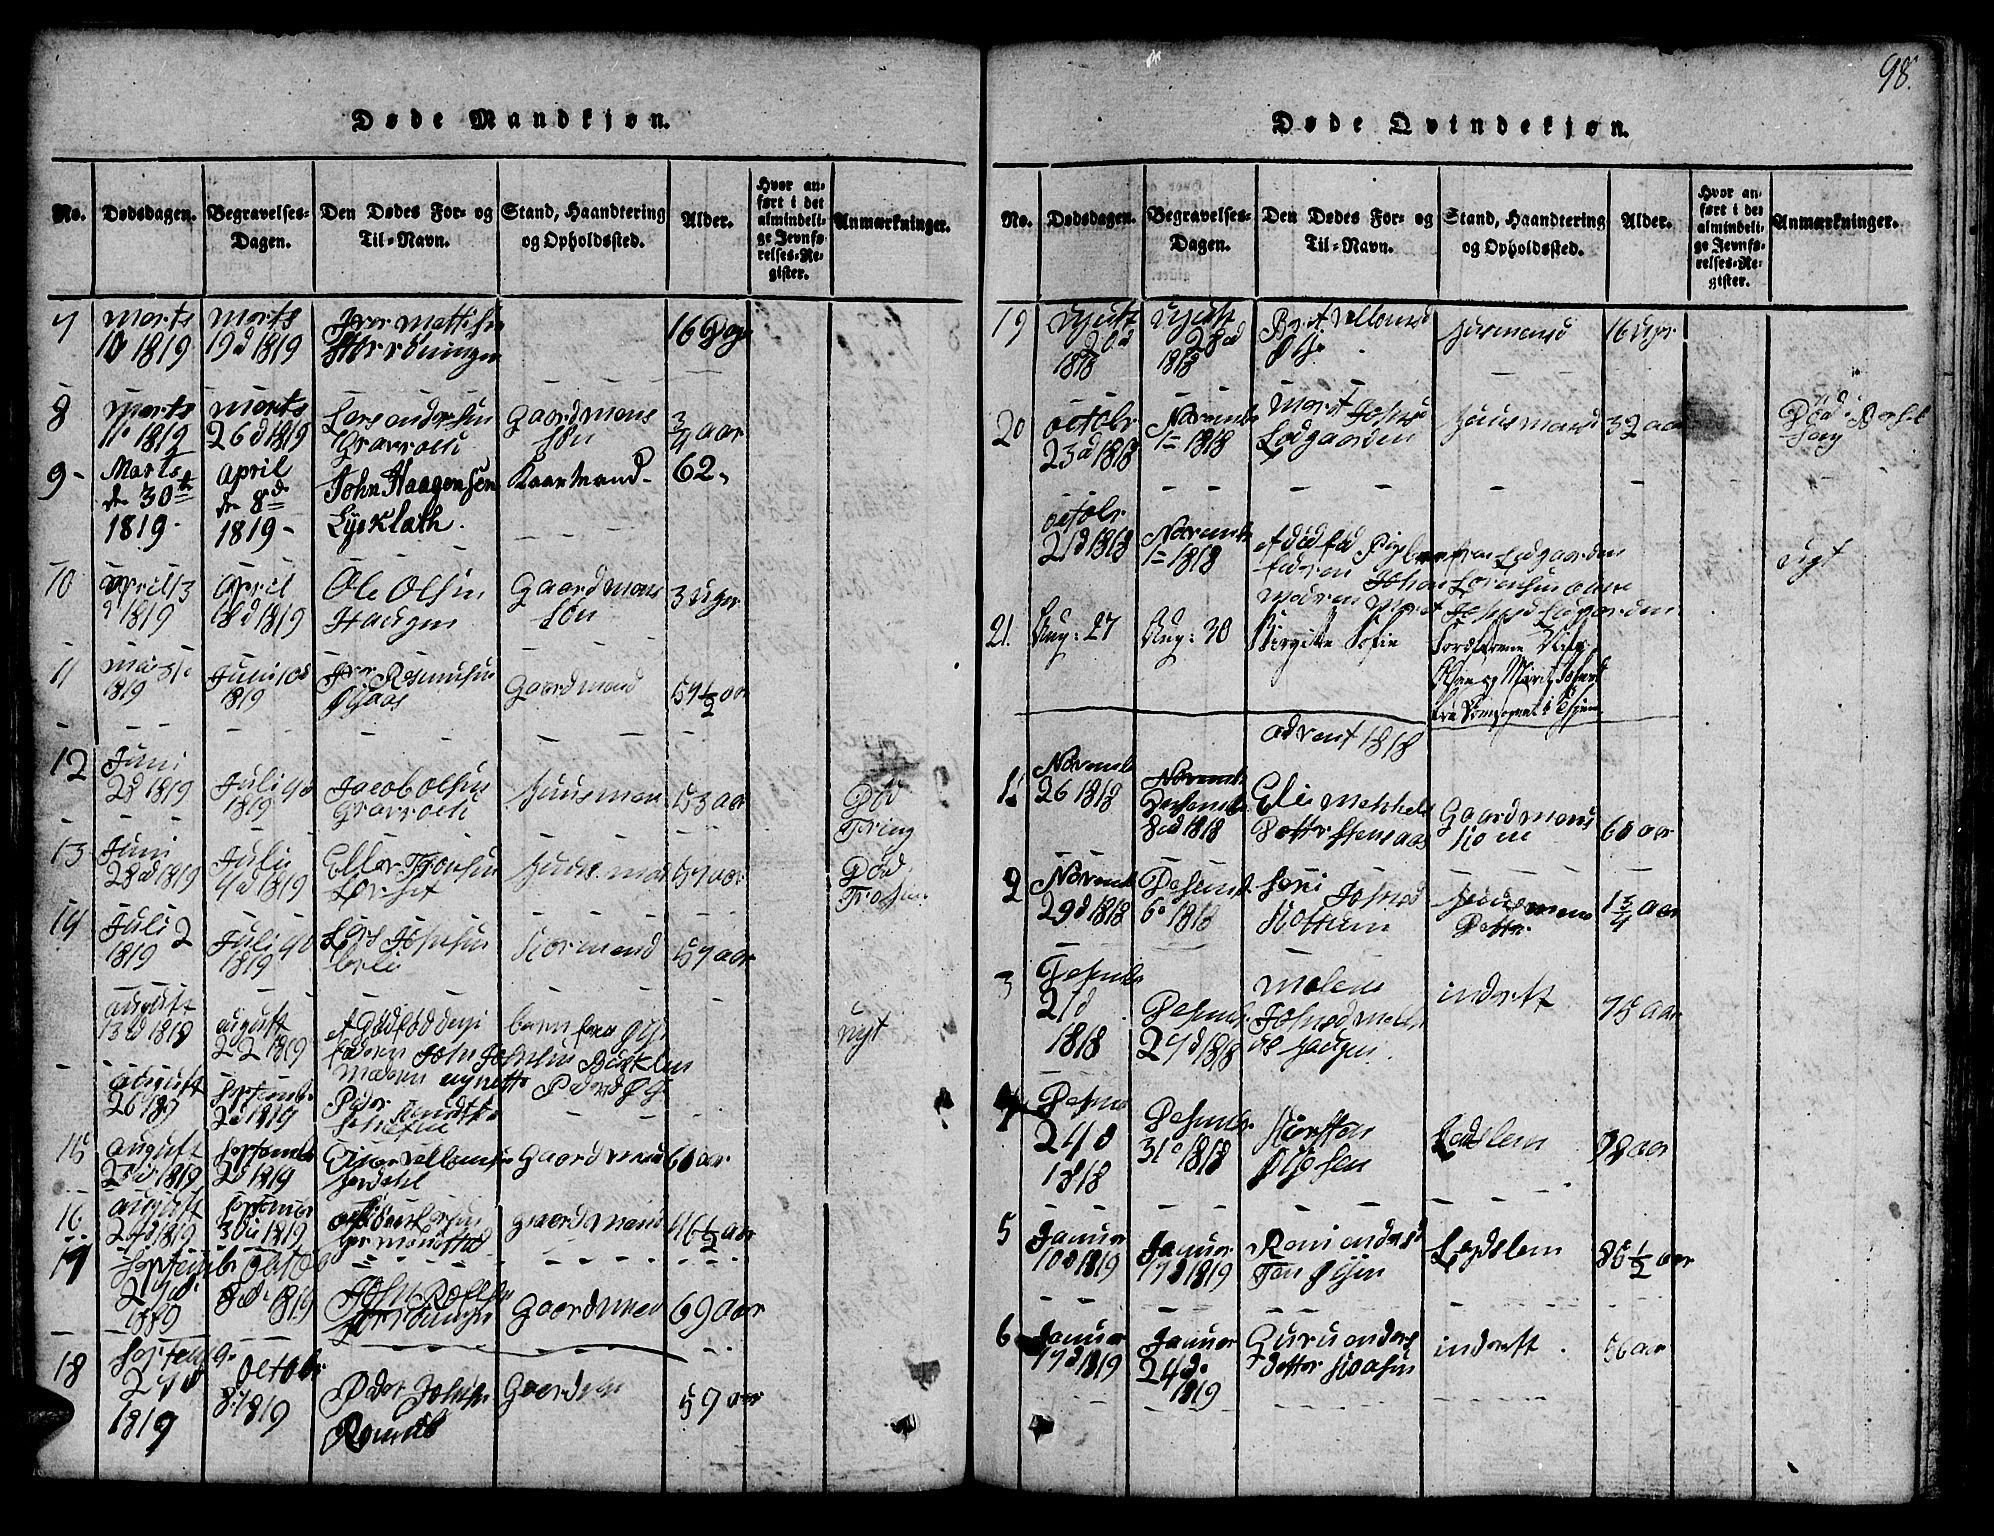 SAT, Ministerialprotokoller, klokkerbøker og fødselsregistre - Sør-Trøndelag, 691/L1092: Klokkerbok nr. 691C03, 1816-1852, s. 98